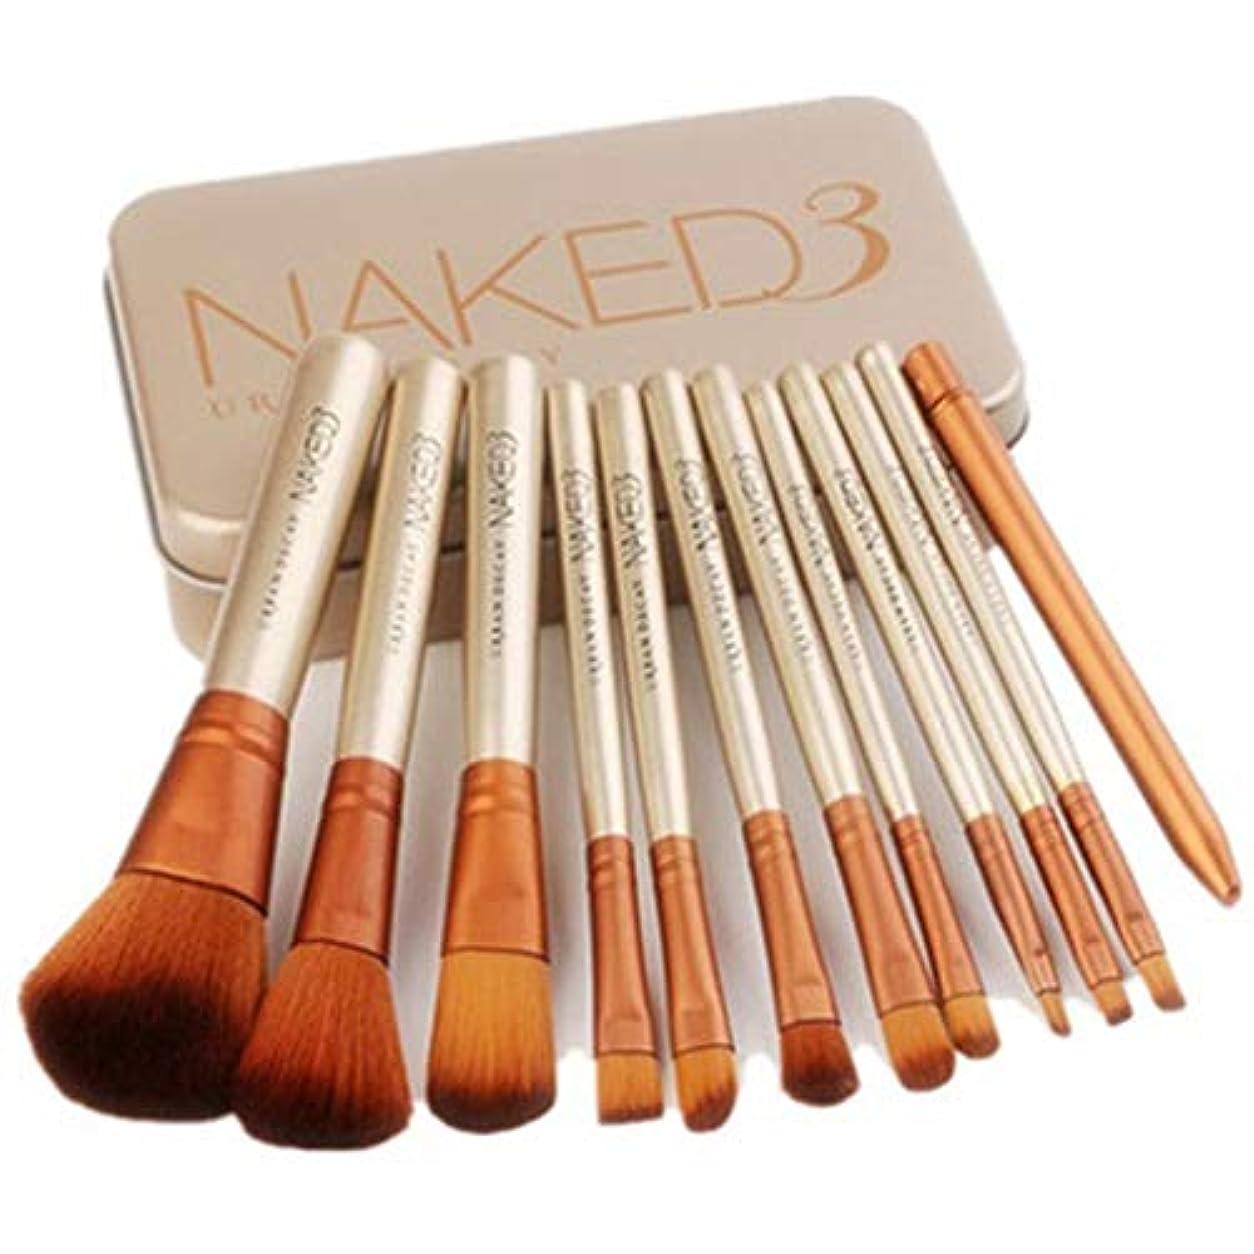 虫を数える論争目を覚ます初心者用化粧筆のための12の化粧筆美容化粧キット